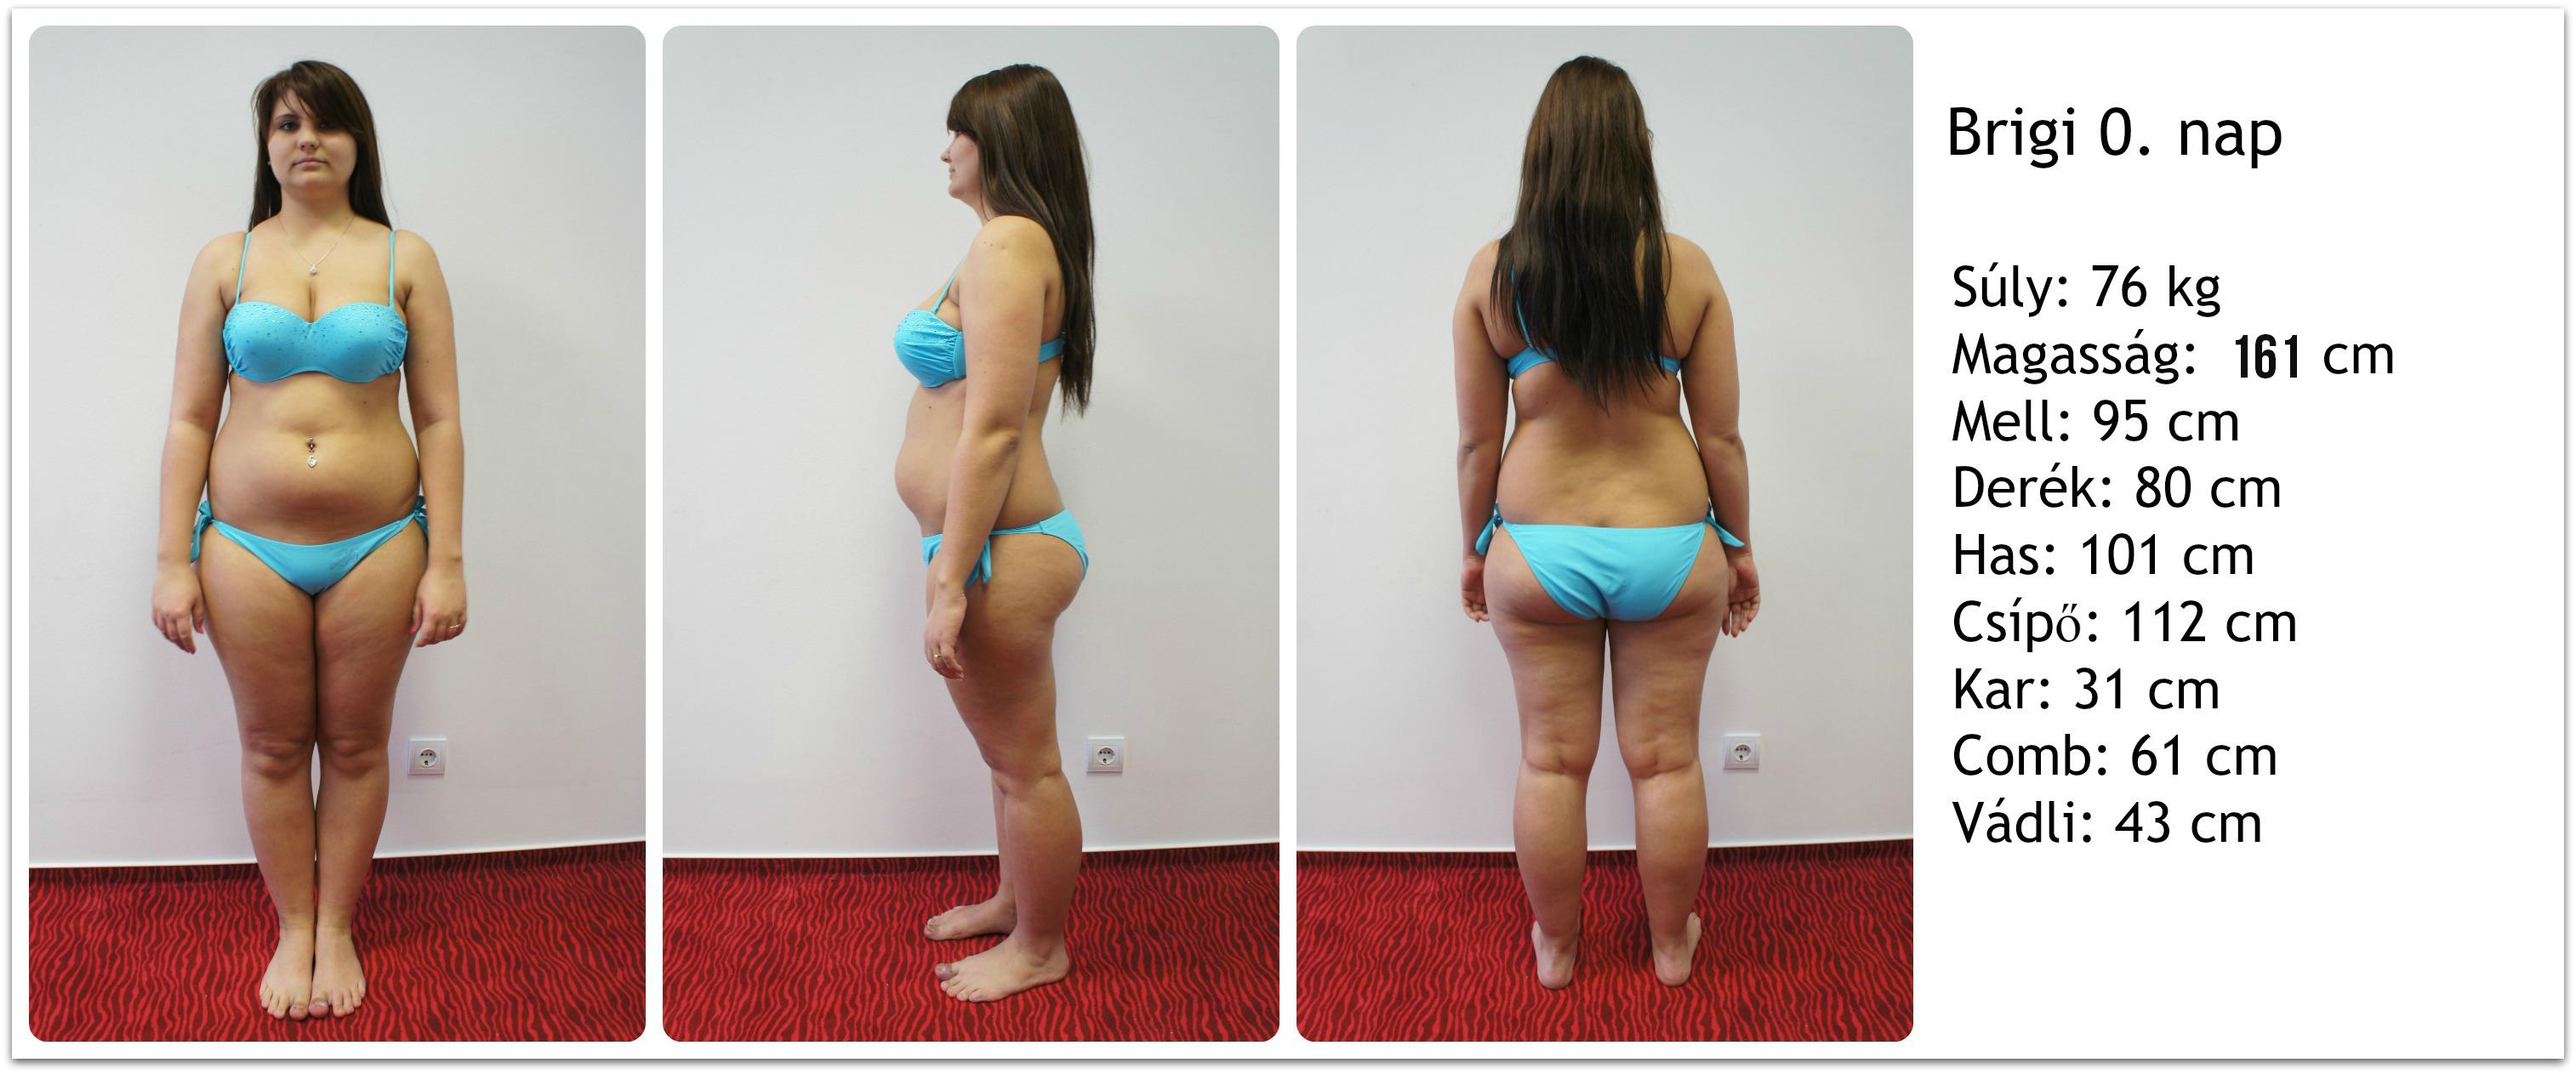 5 kg súlycsökkenés 3 hét alatt